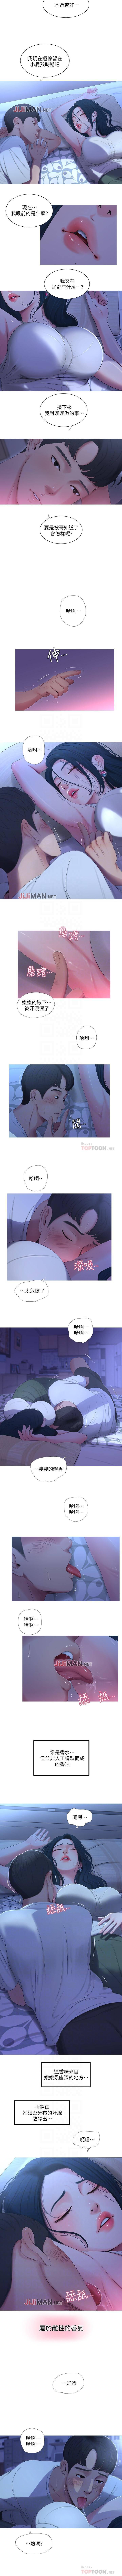 【周四连载】亲家四姐妹(作者:愛摸) 第1~27话 49